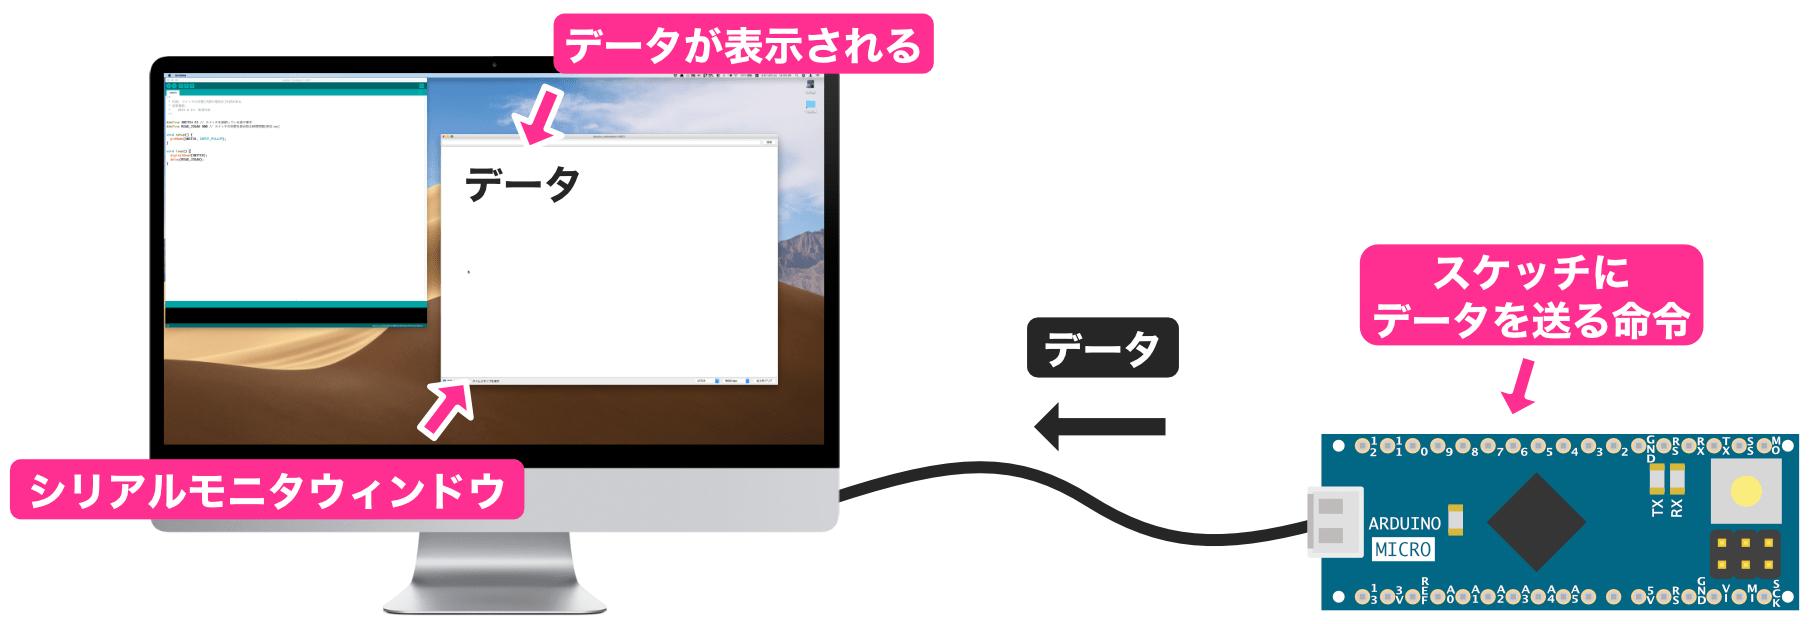 シリアルモニタ動作イメージ